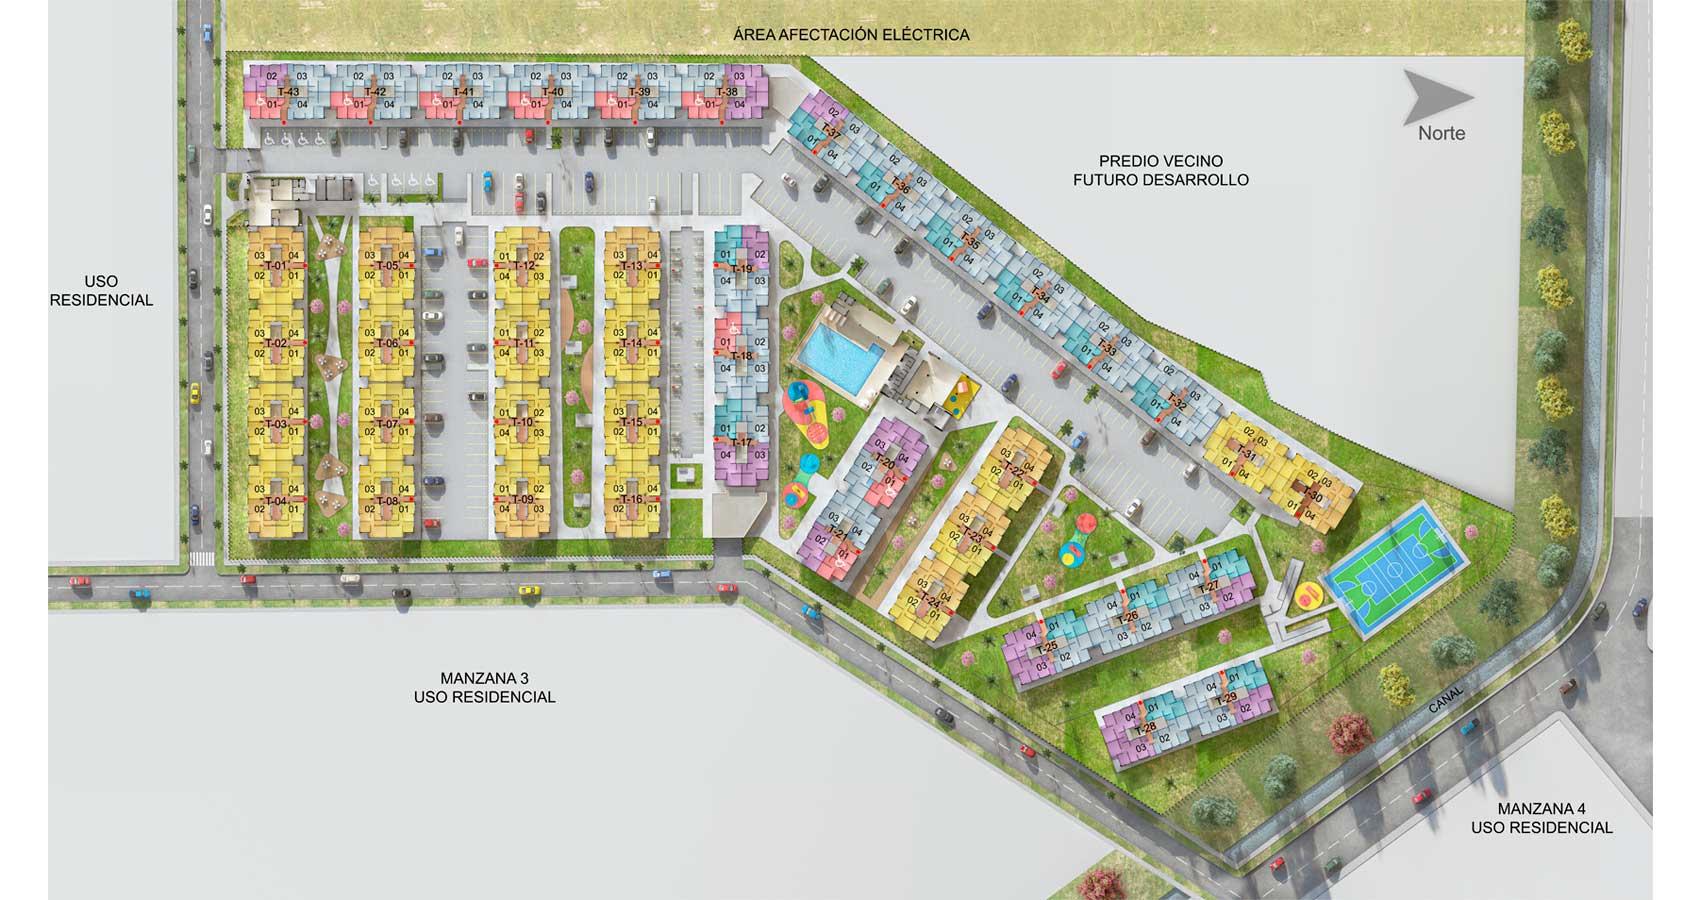 Planta urbana Girasoles apartamentos Soledad Atlántico